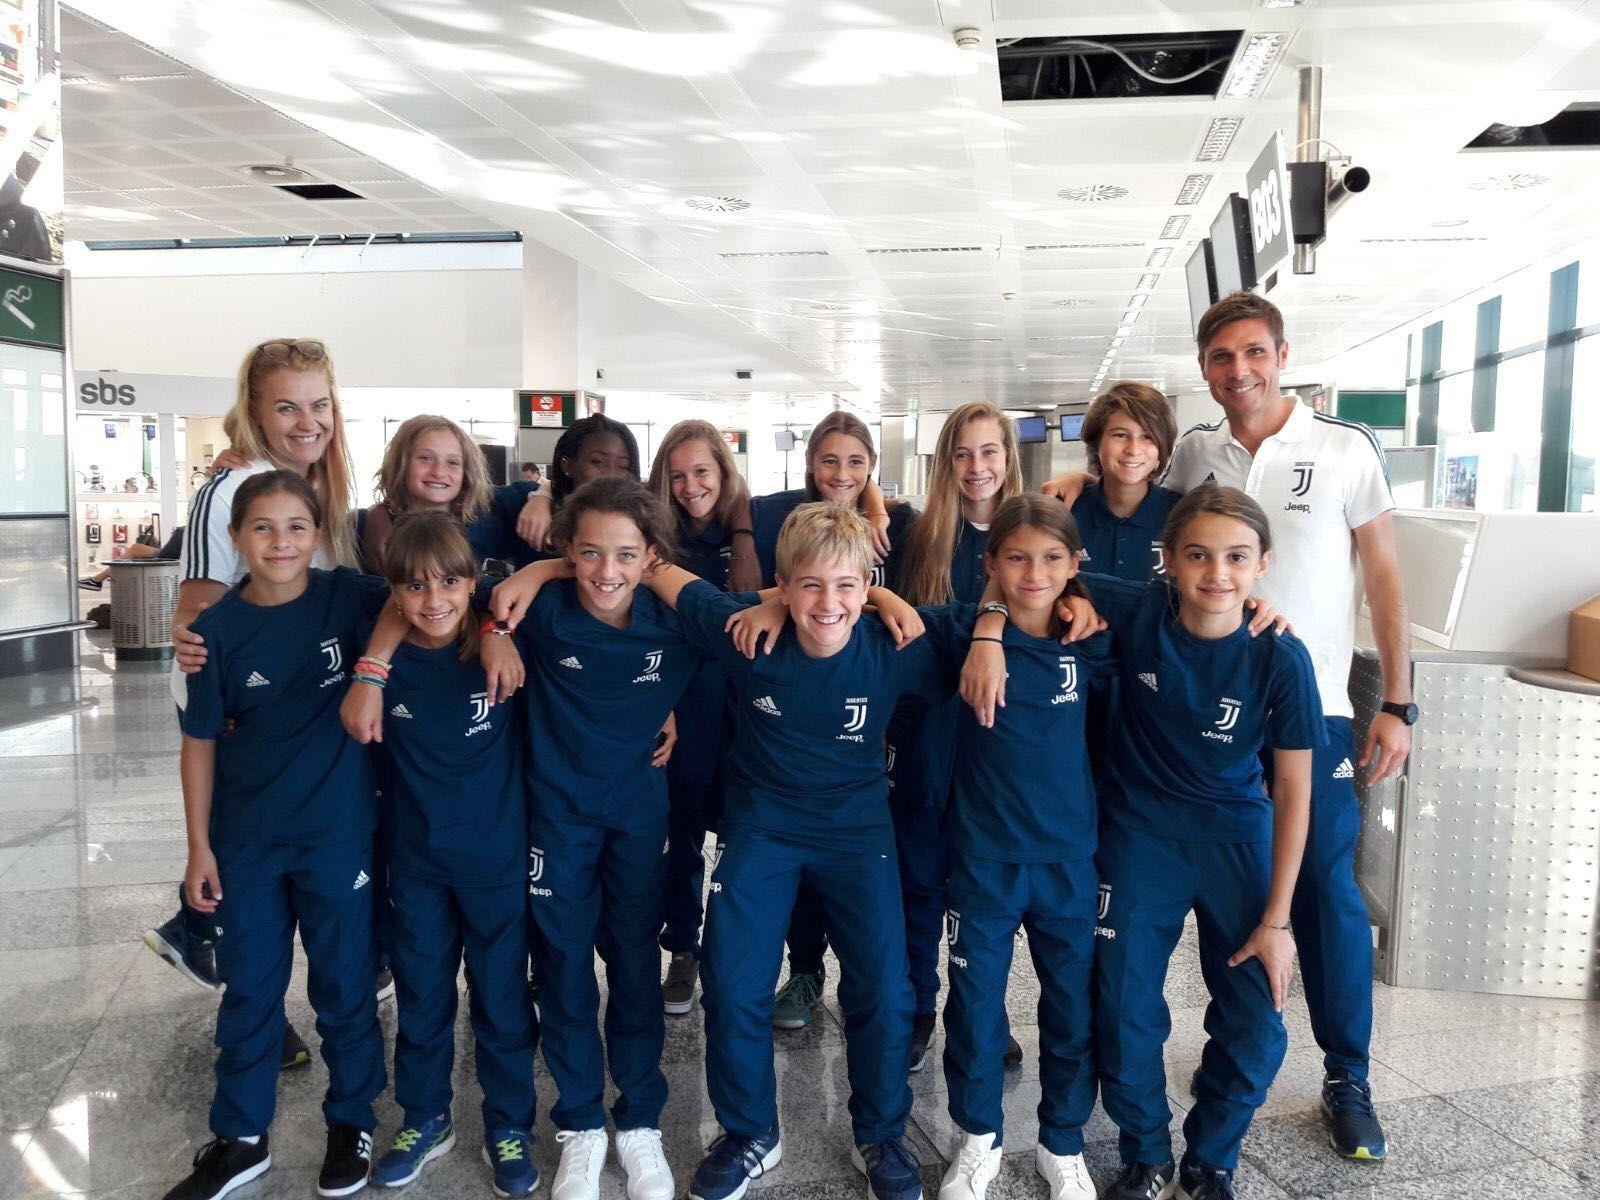 La Guida - Calcio femminile, quattro giovani cuneesi in campo a New York